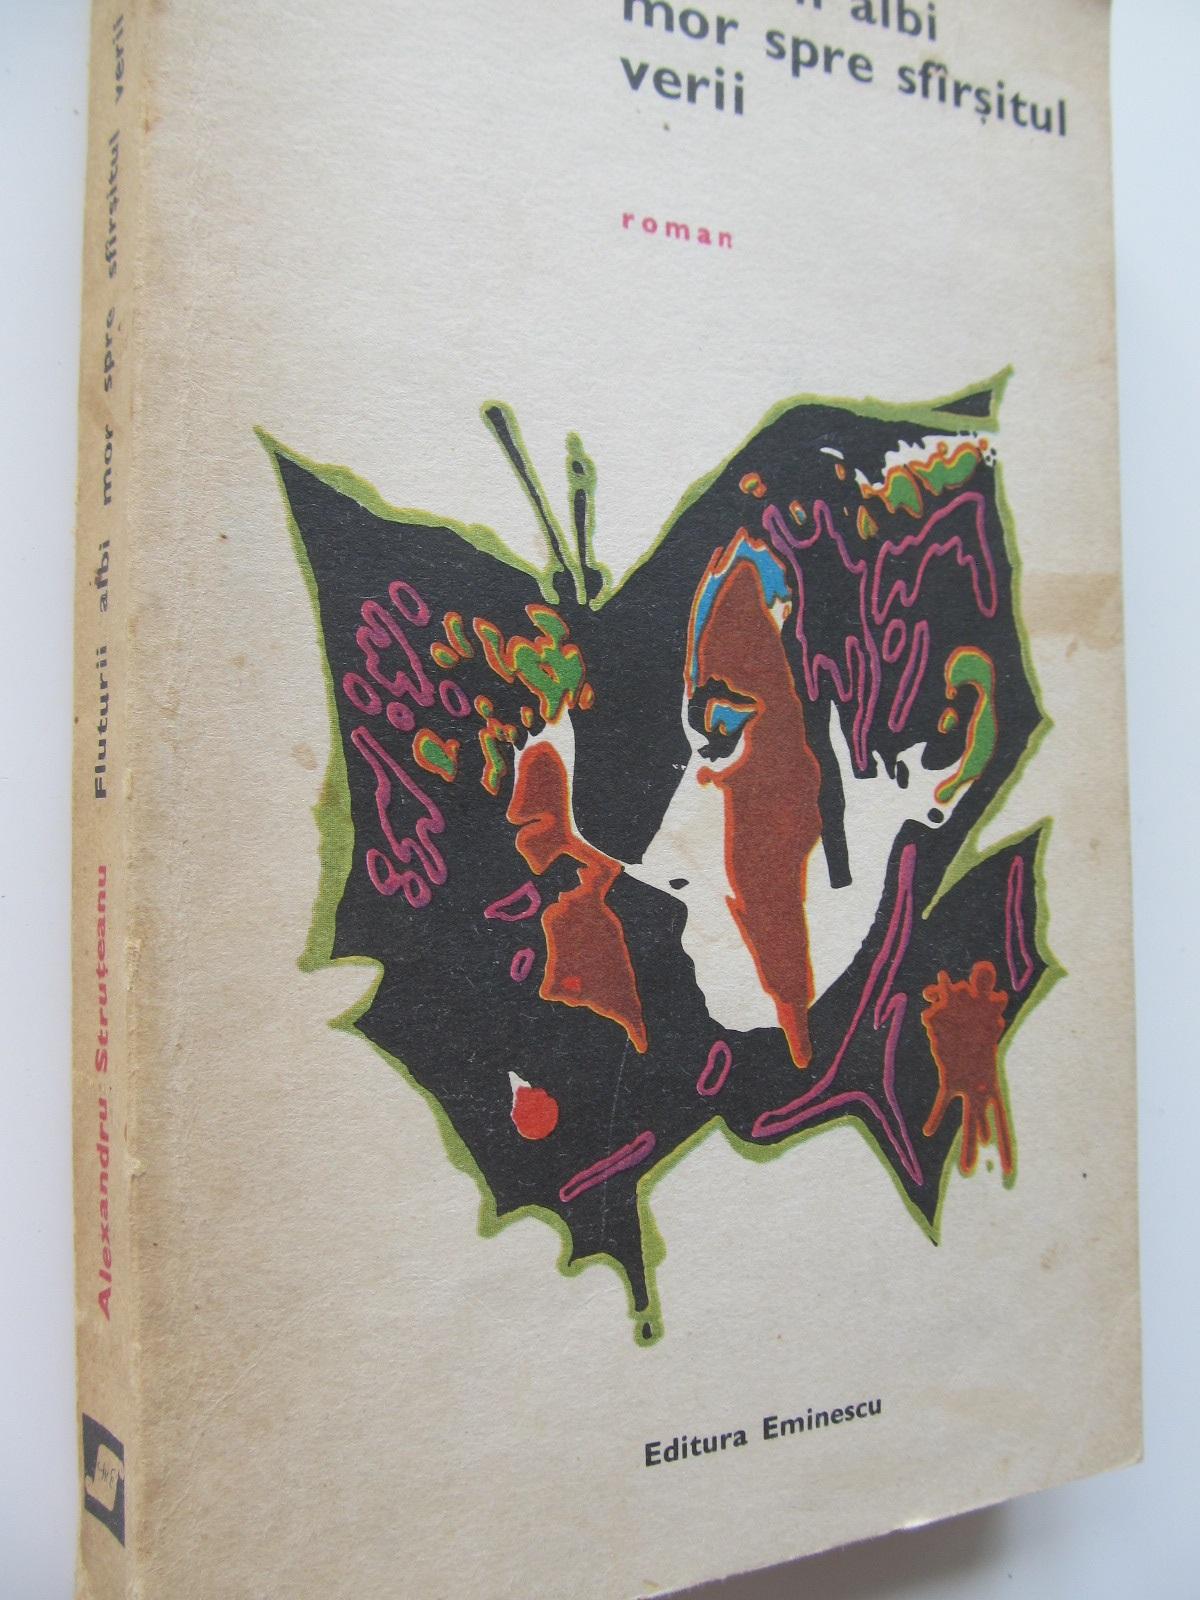 Fluturii albi mor spre sfarsitul verii - Alexandru Struteanu | Detalii carte